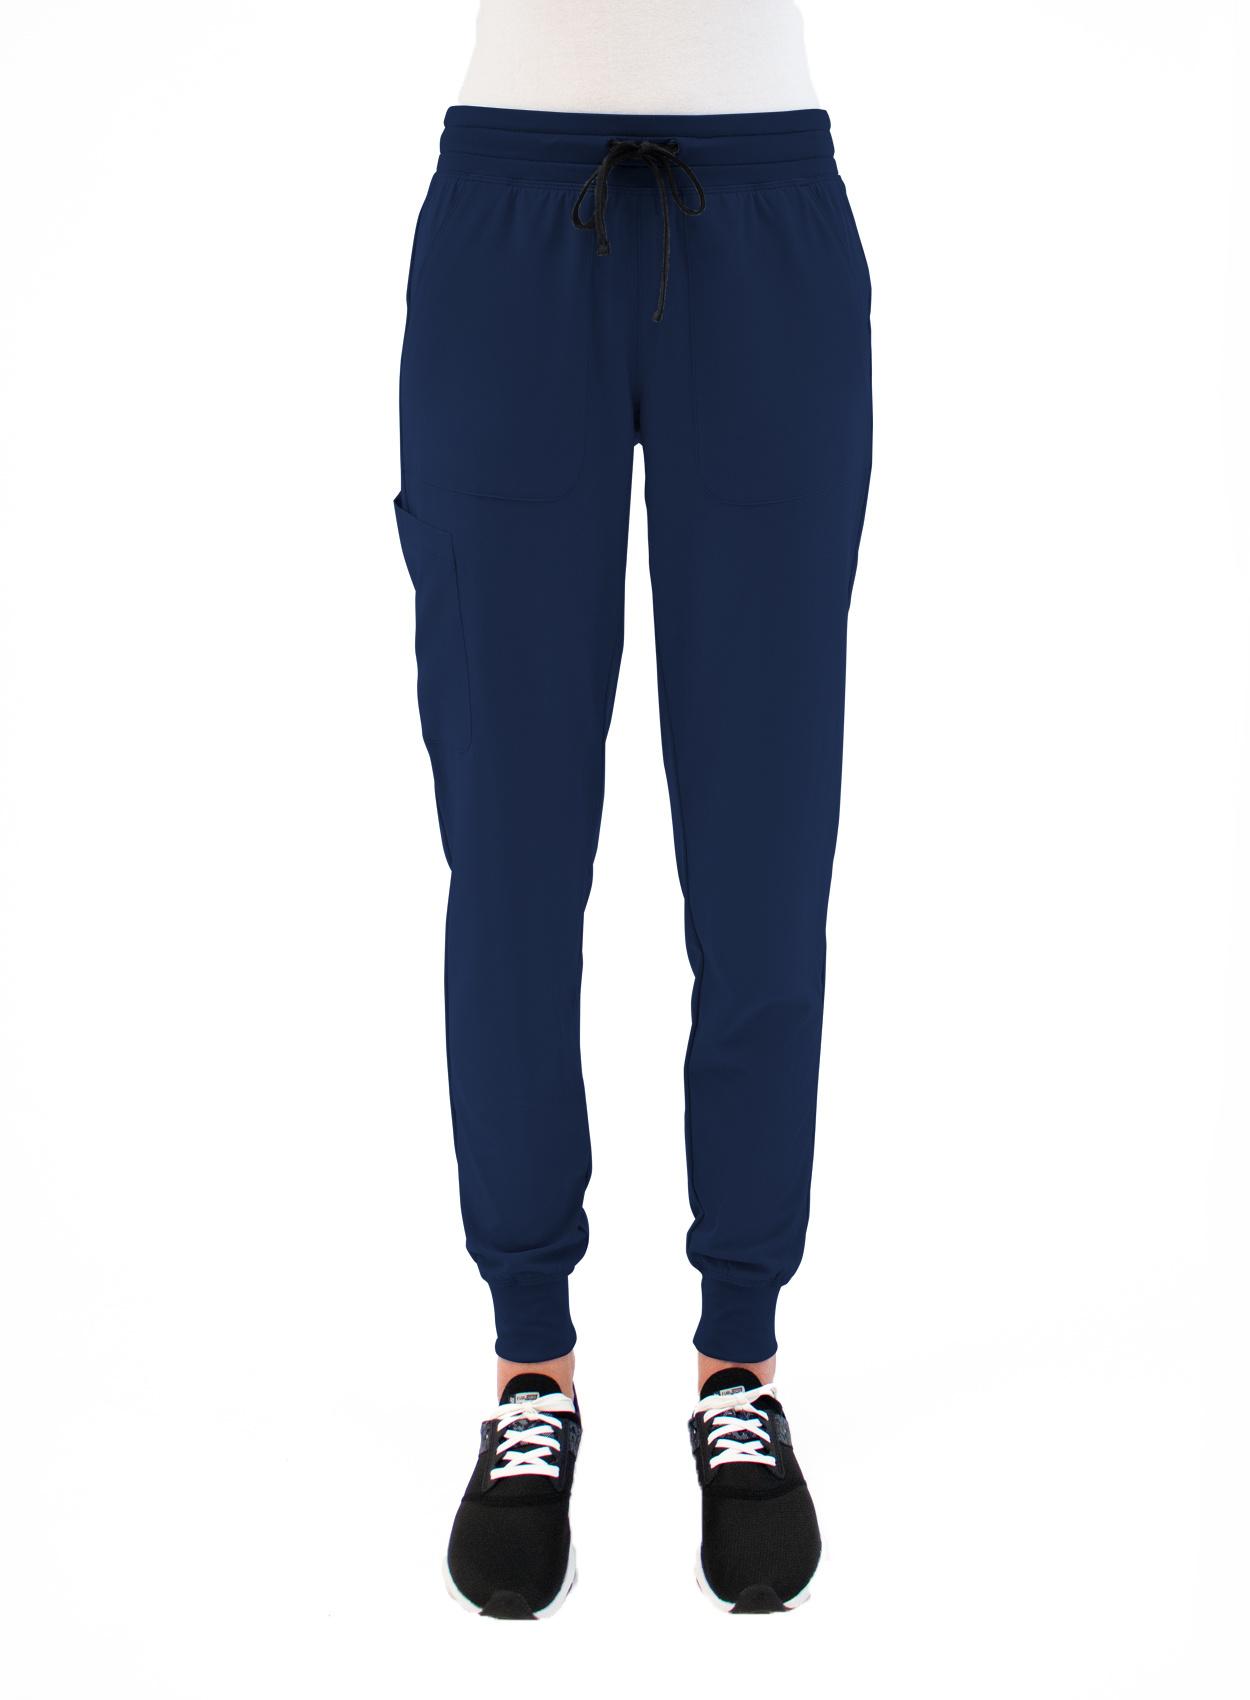 MATRIX IMPULSE Navy Blue Yoga Waistband Women's Jogger Pants 8520